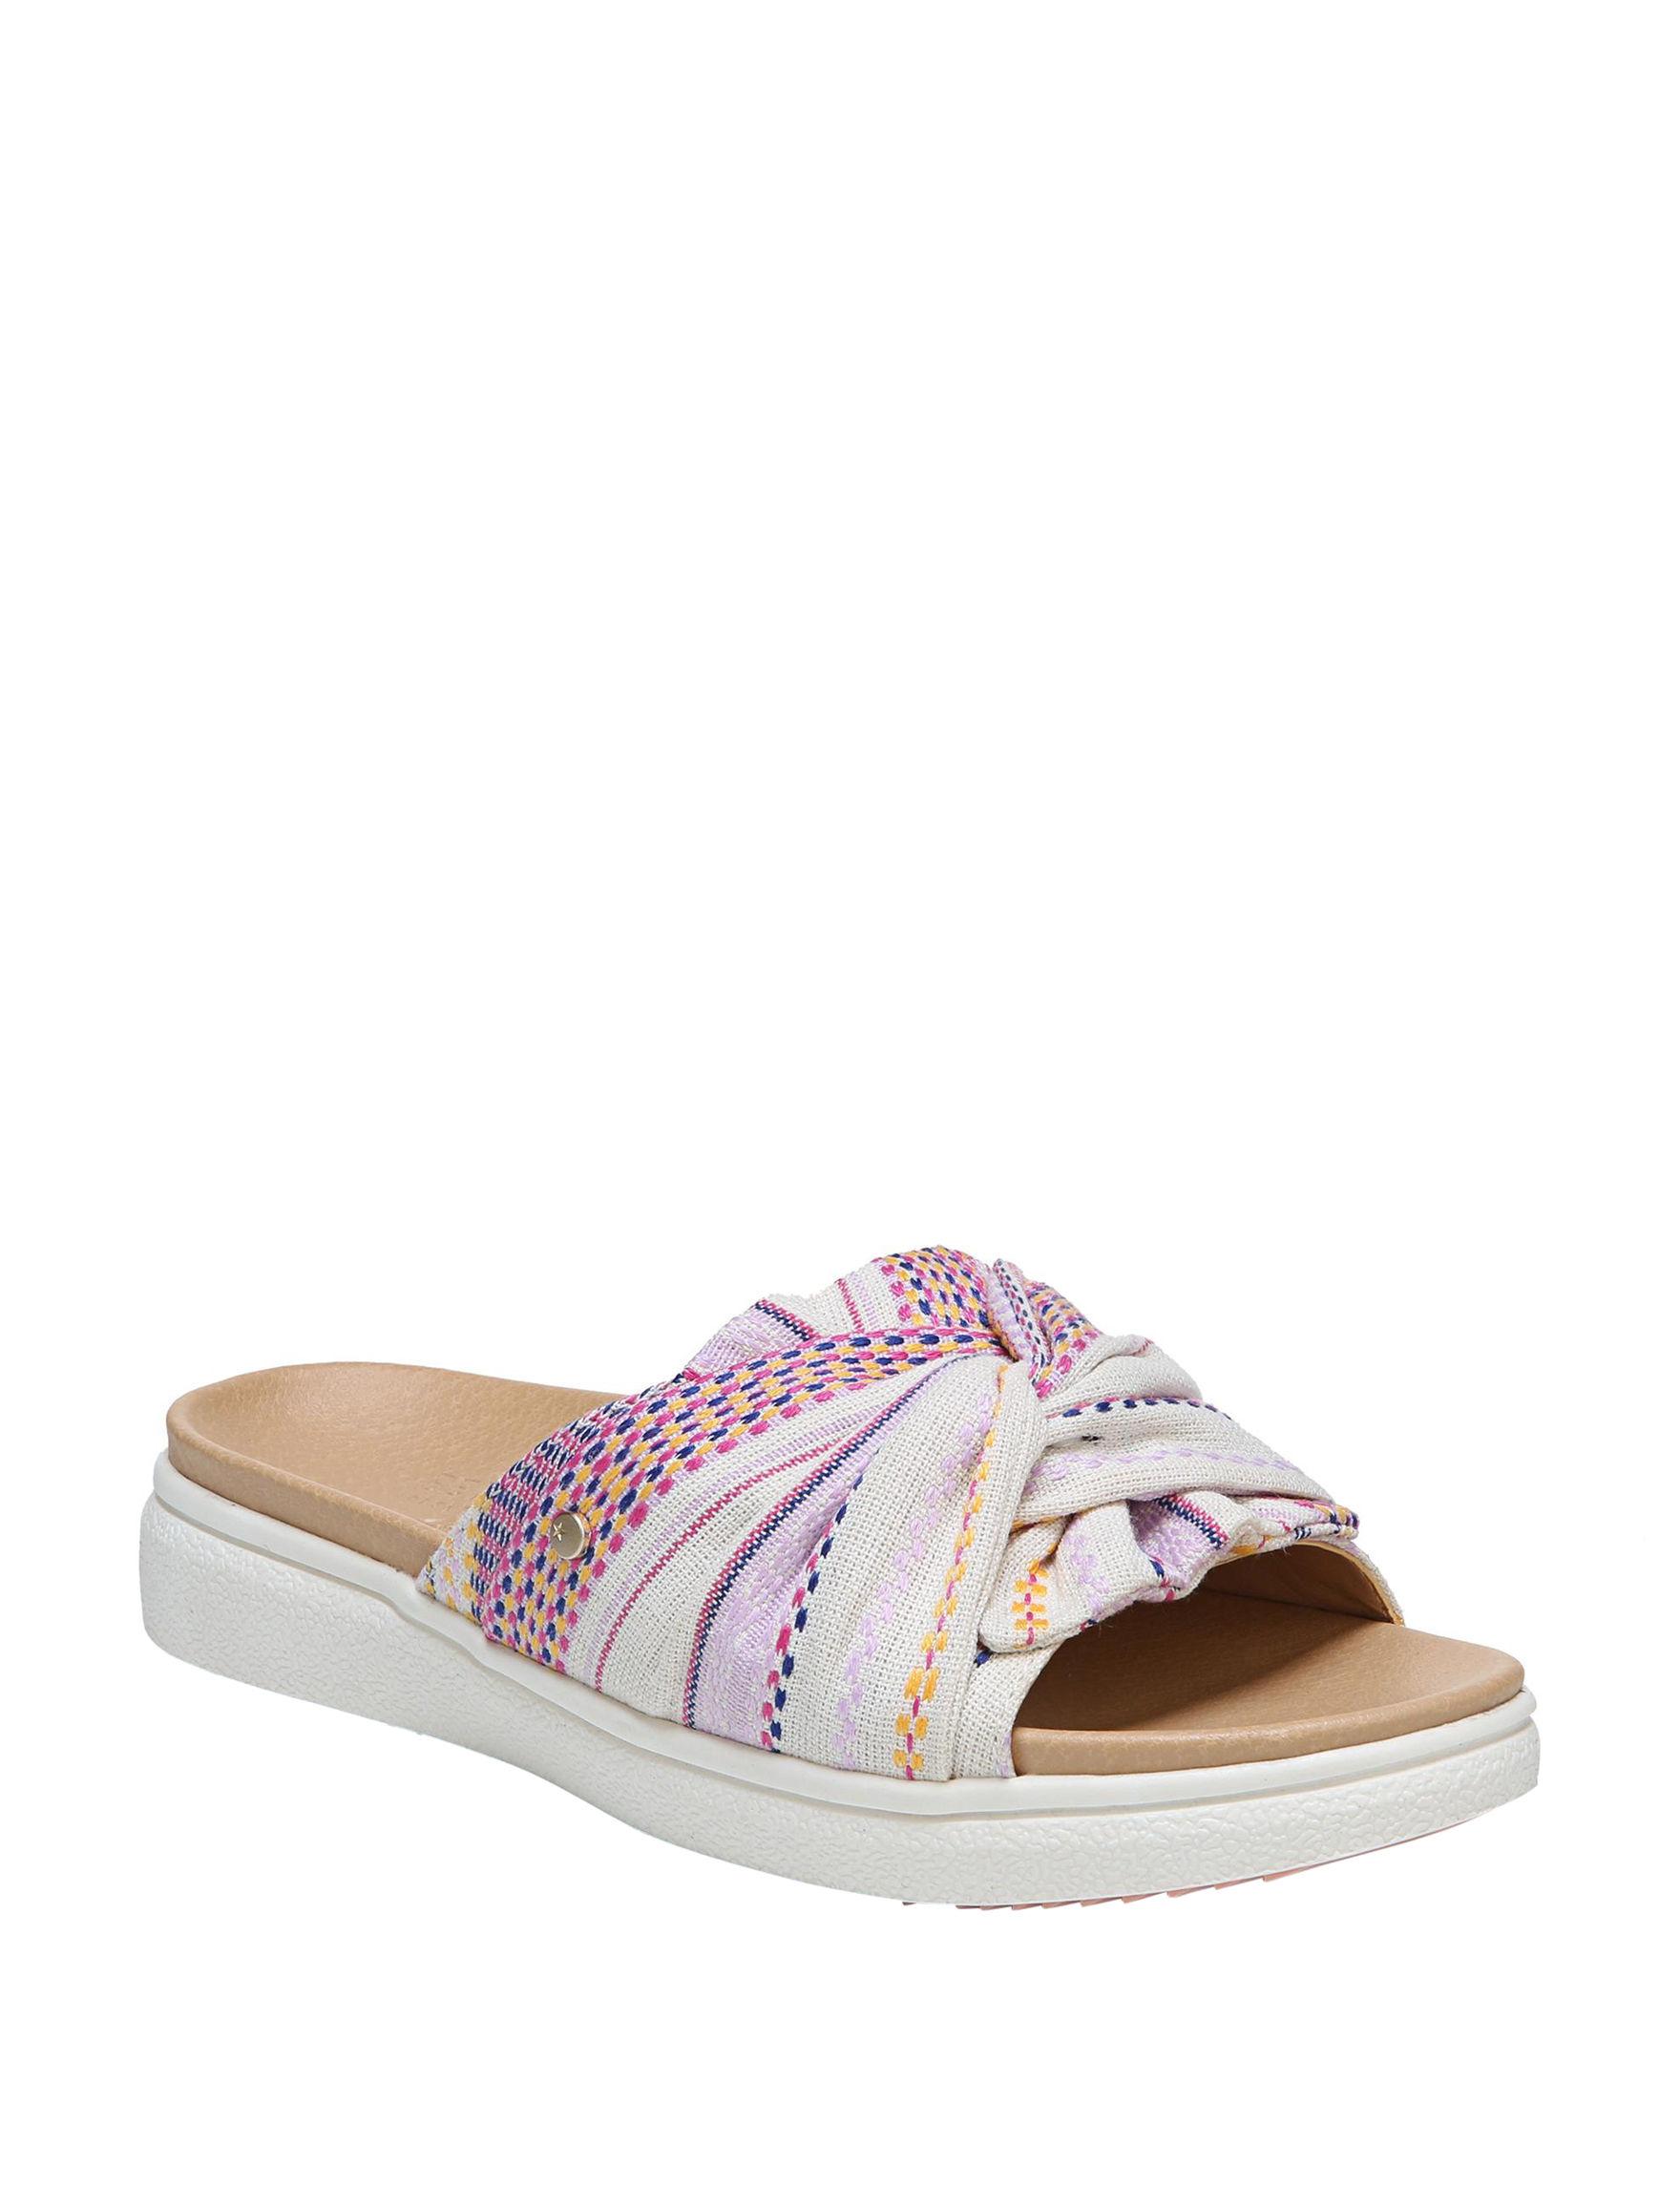 Dr. Scholl's Multi Slide Sandals